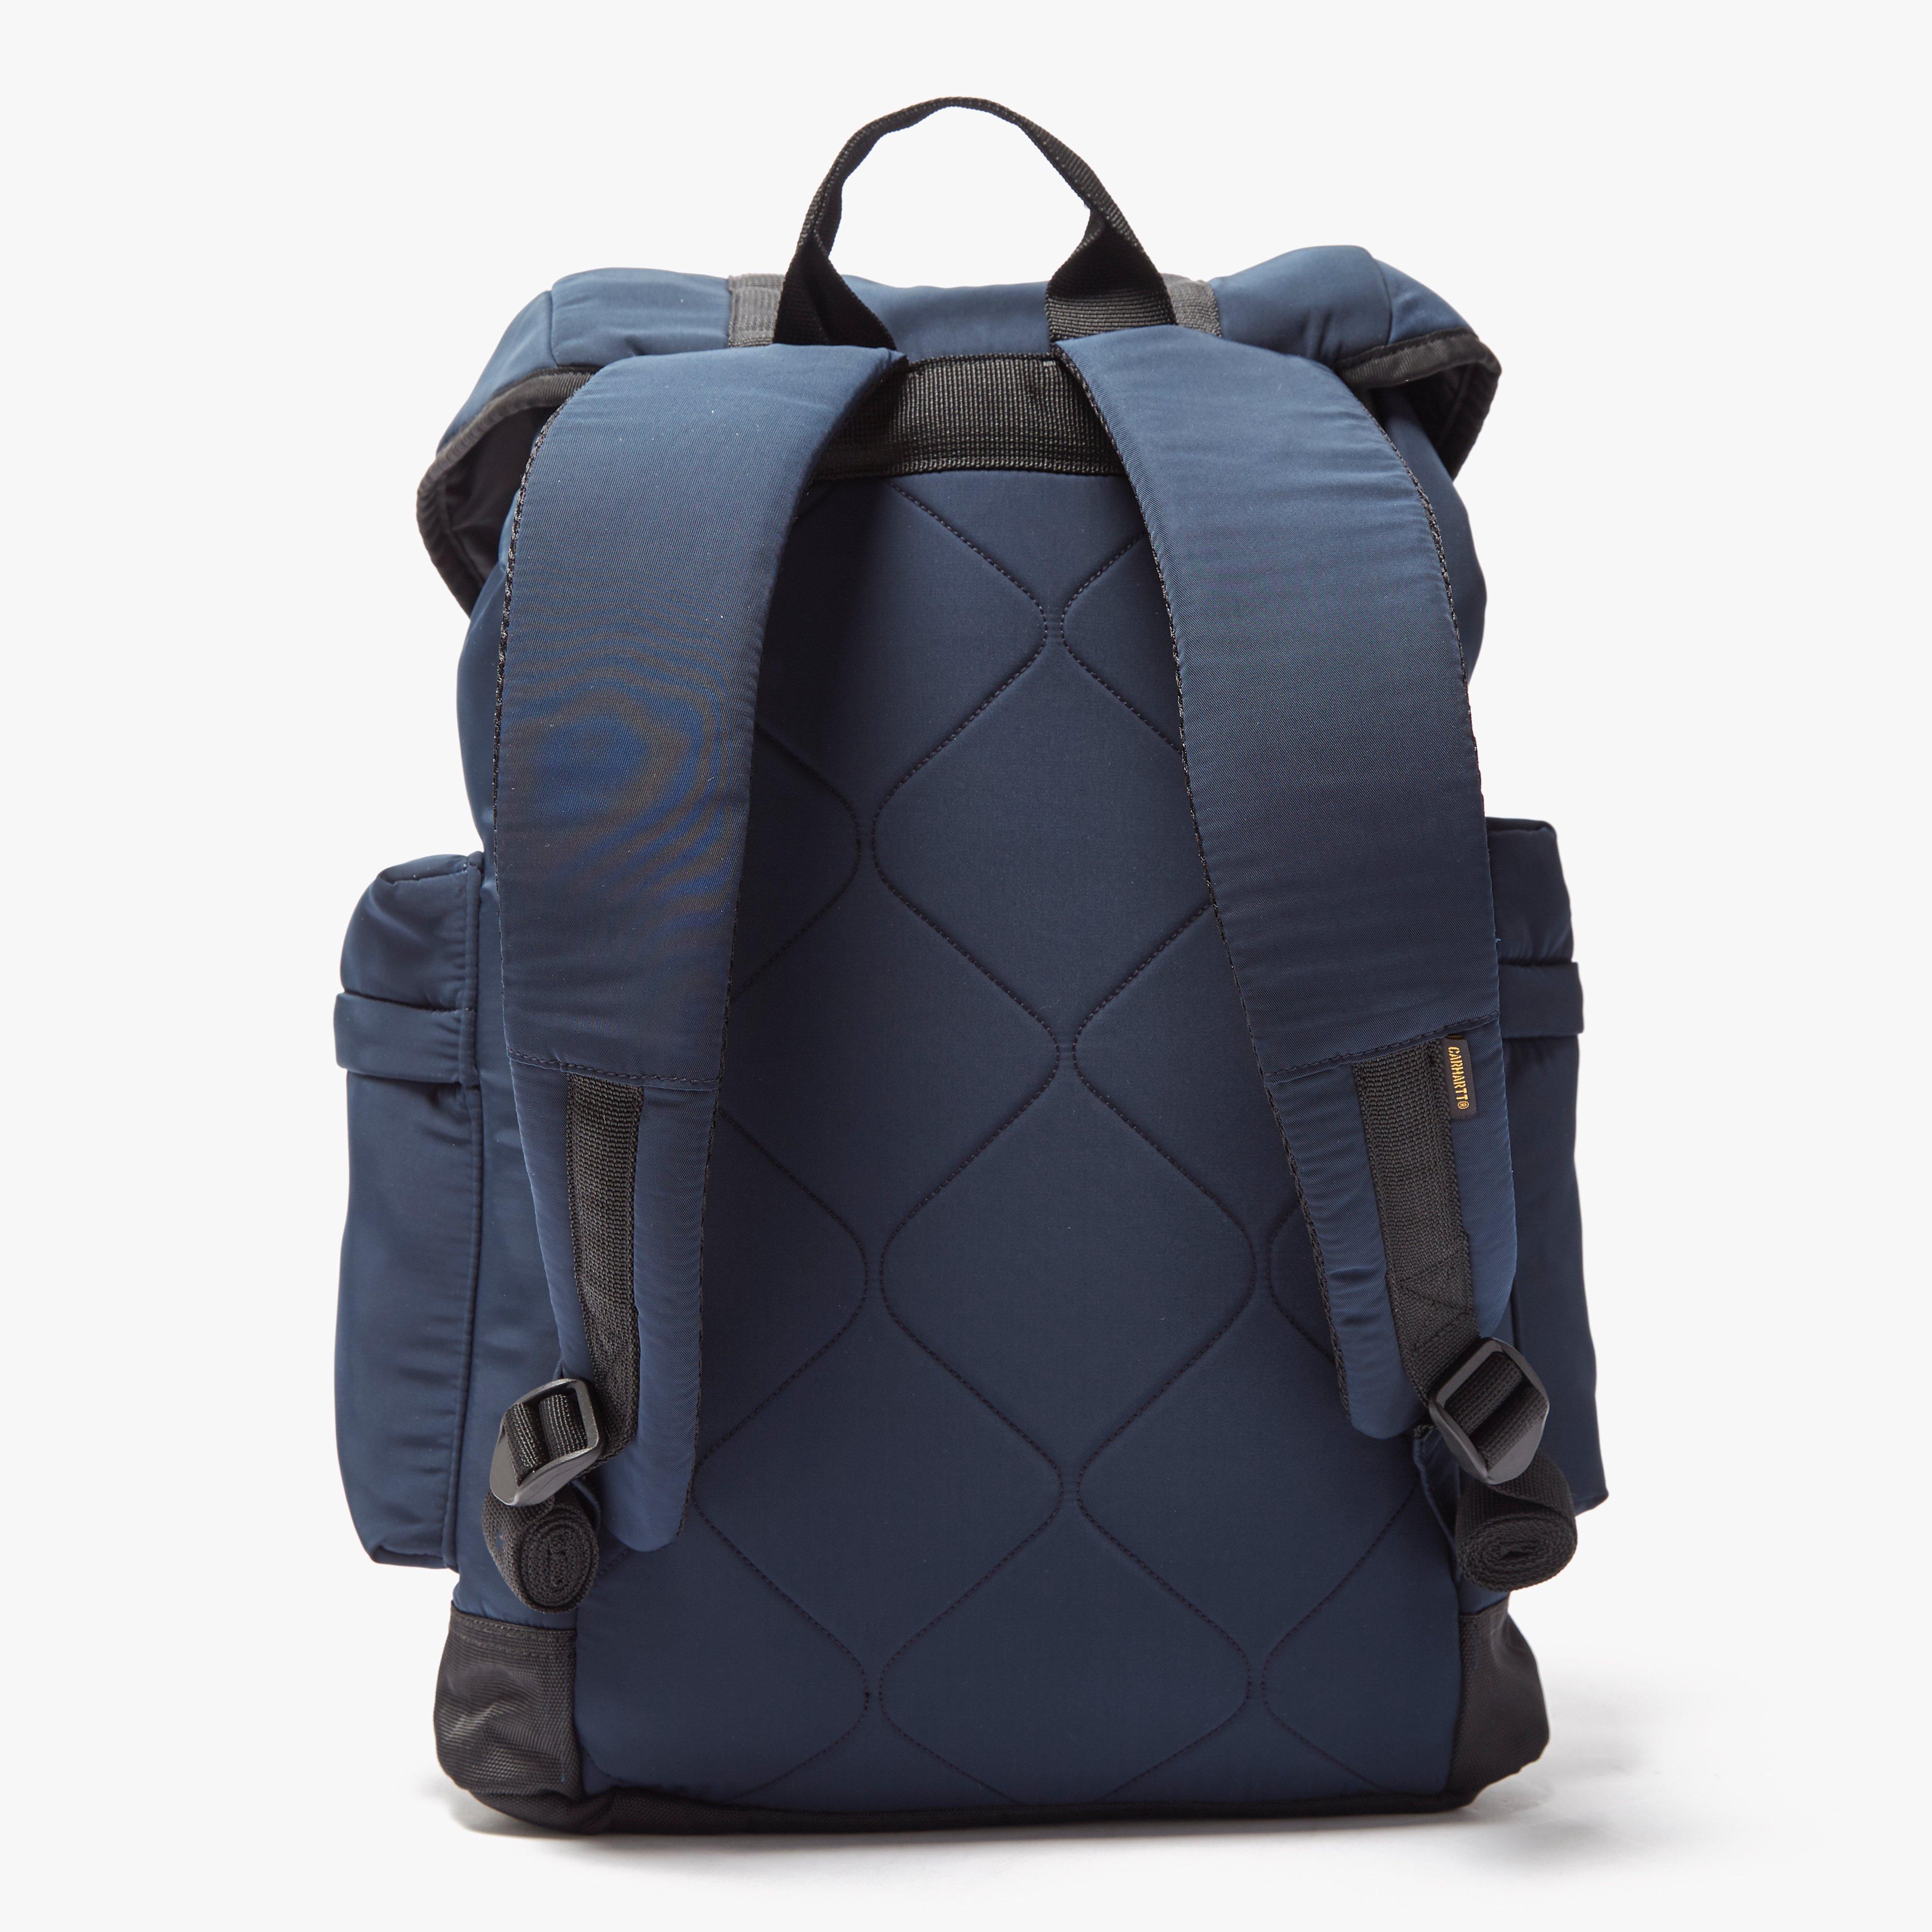 niesamowite ceny później sekcja specjalna Carhartt Military Backpack